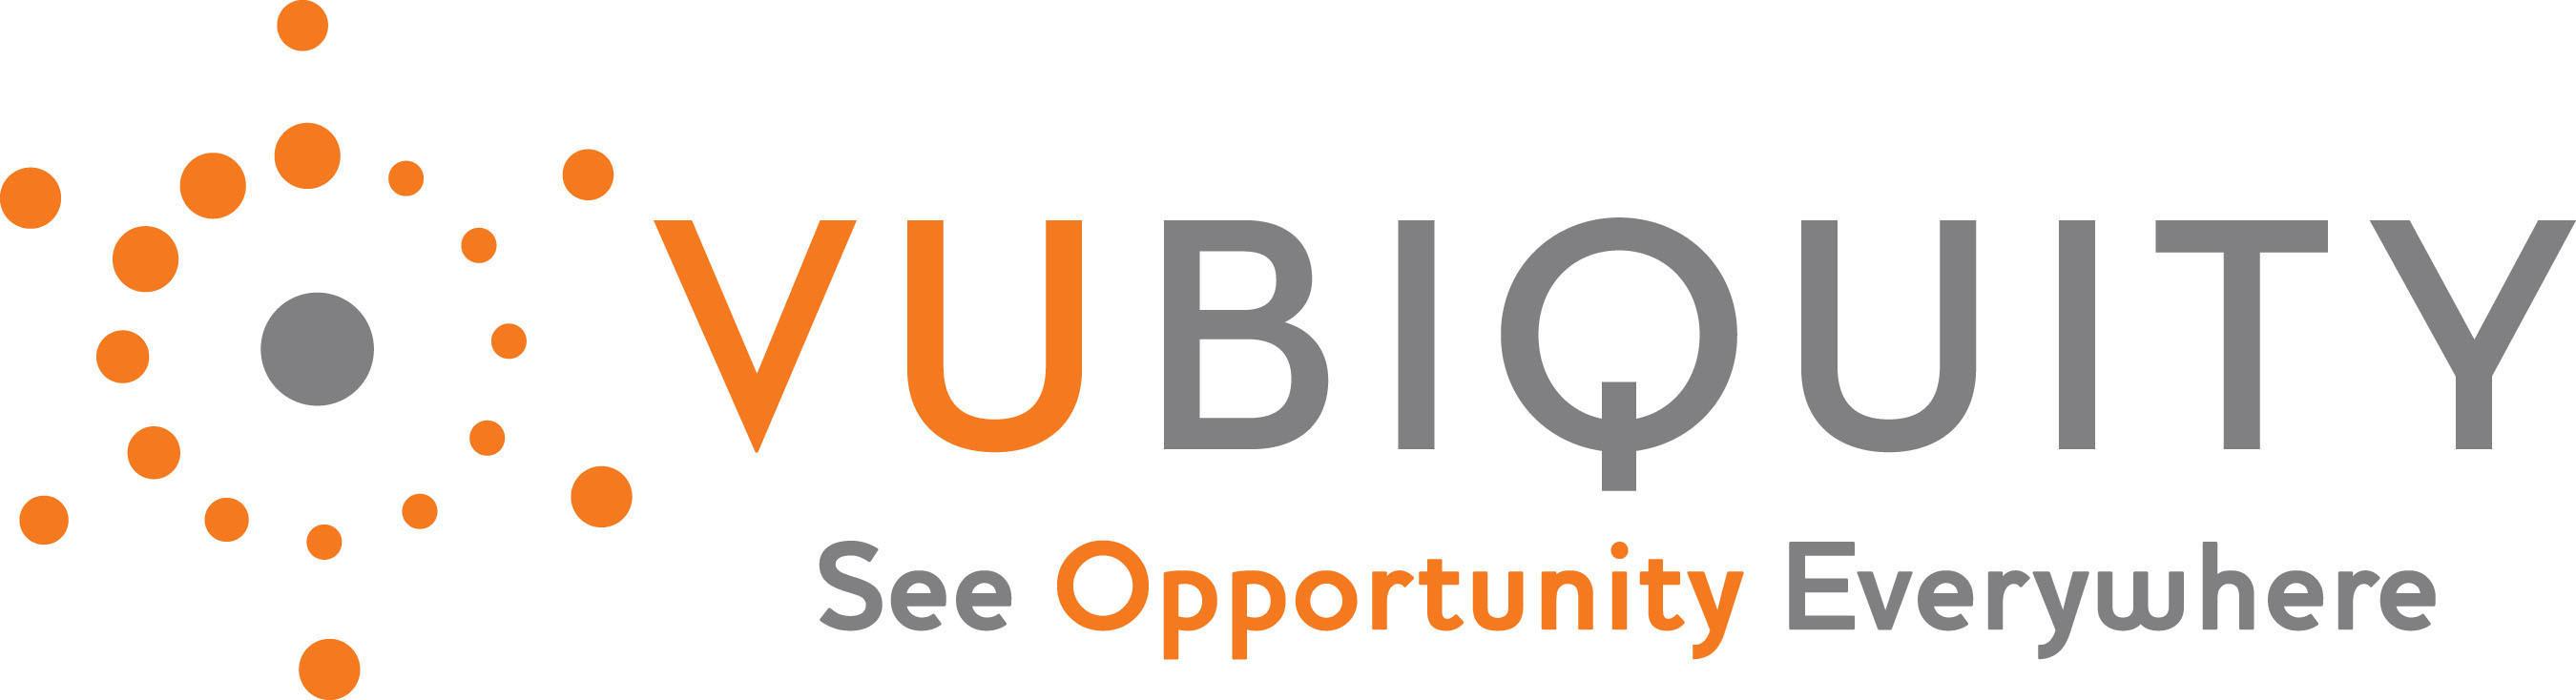 Vubiquity logo.